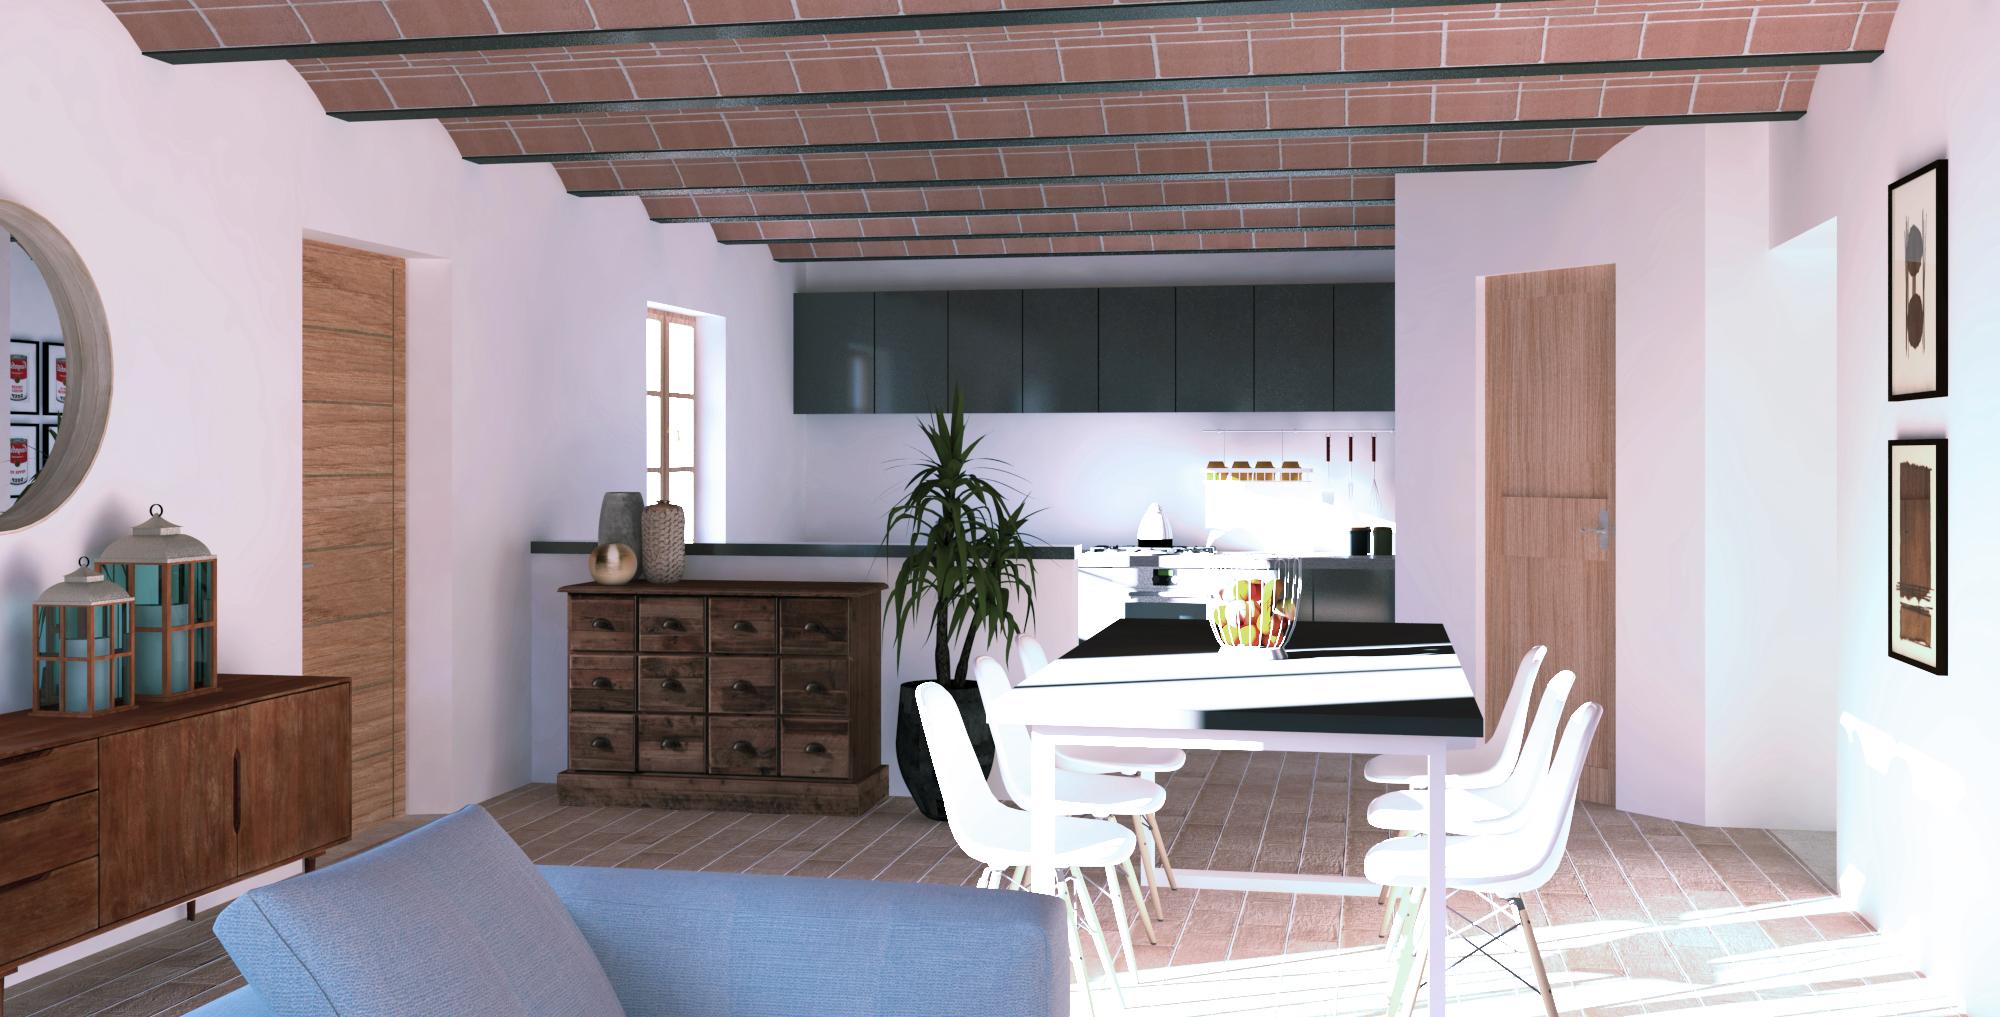 Progettare la propria casa un sogno realizzabile panichi immobiliare - Progettare la propria casa ...